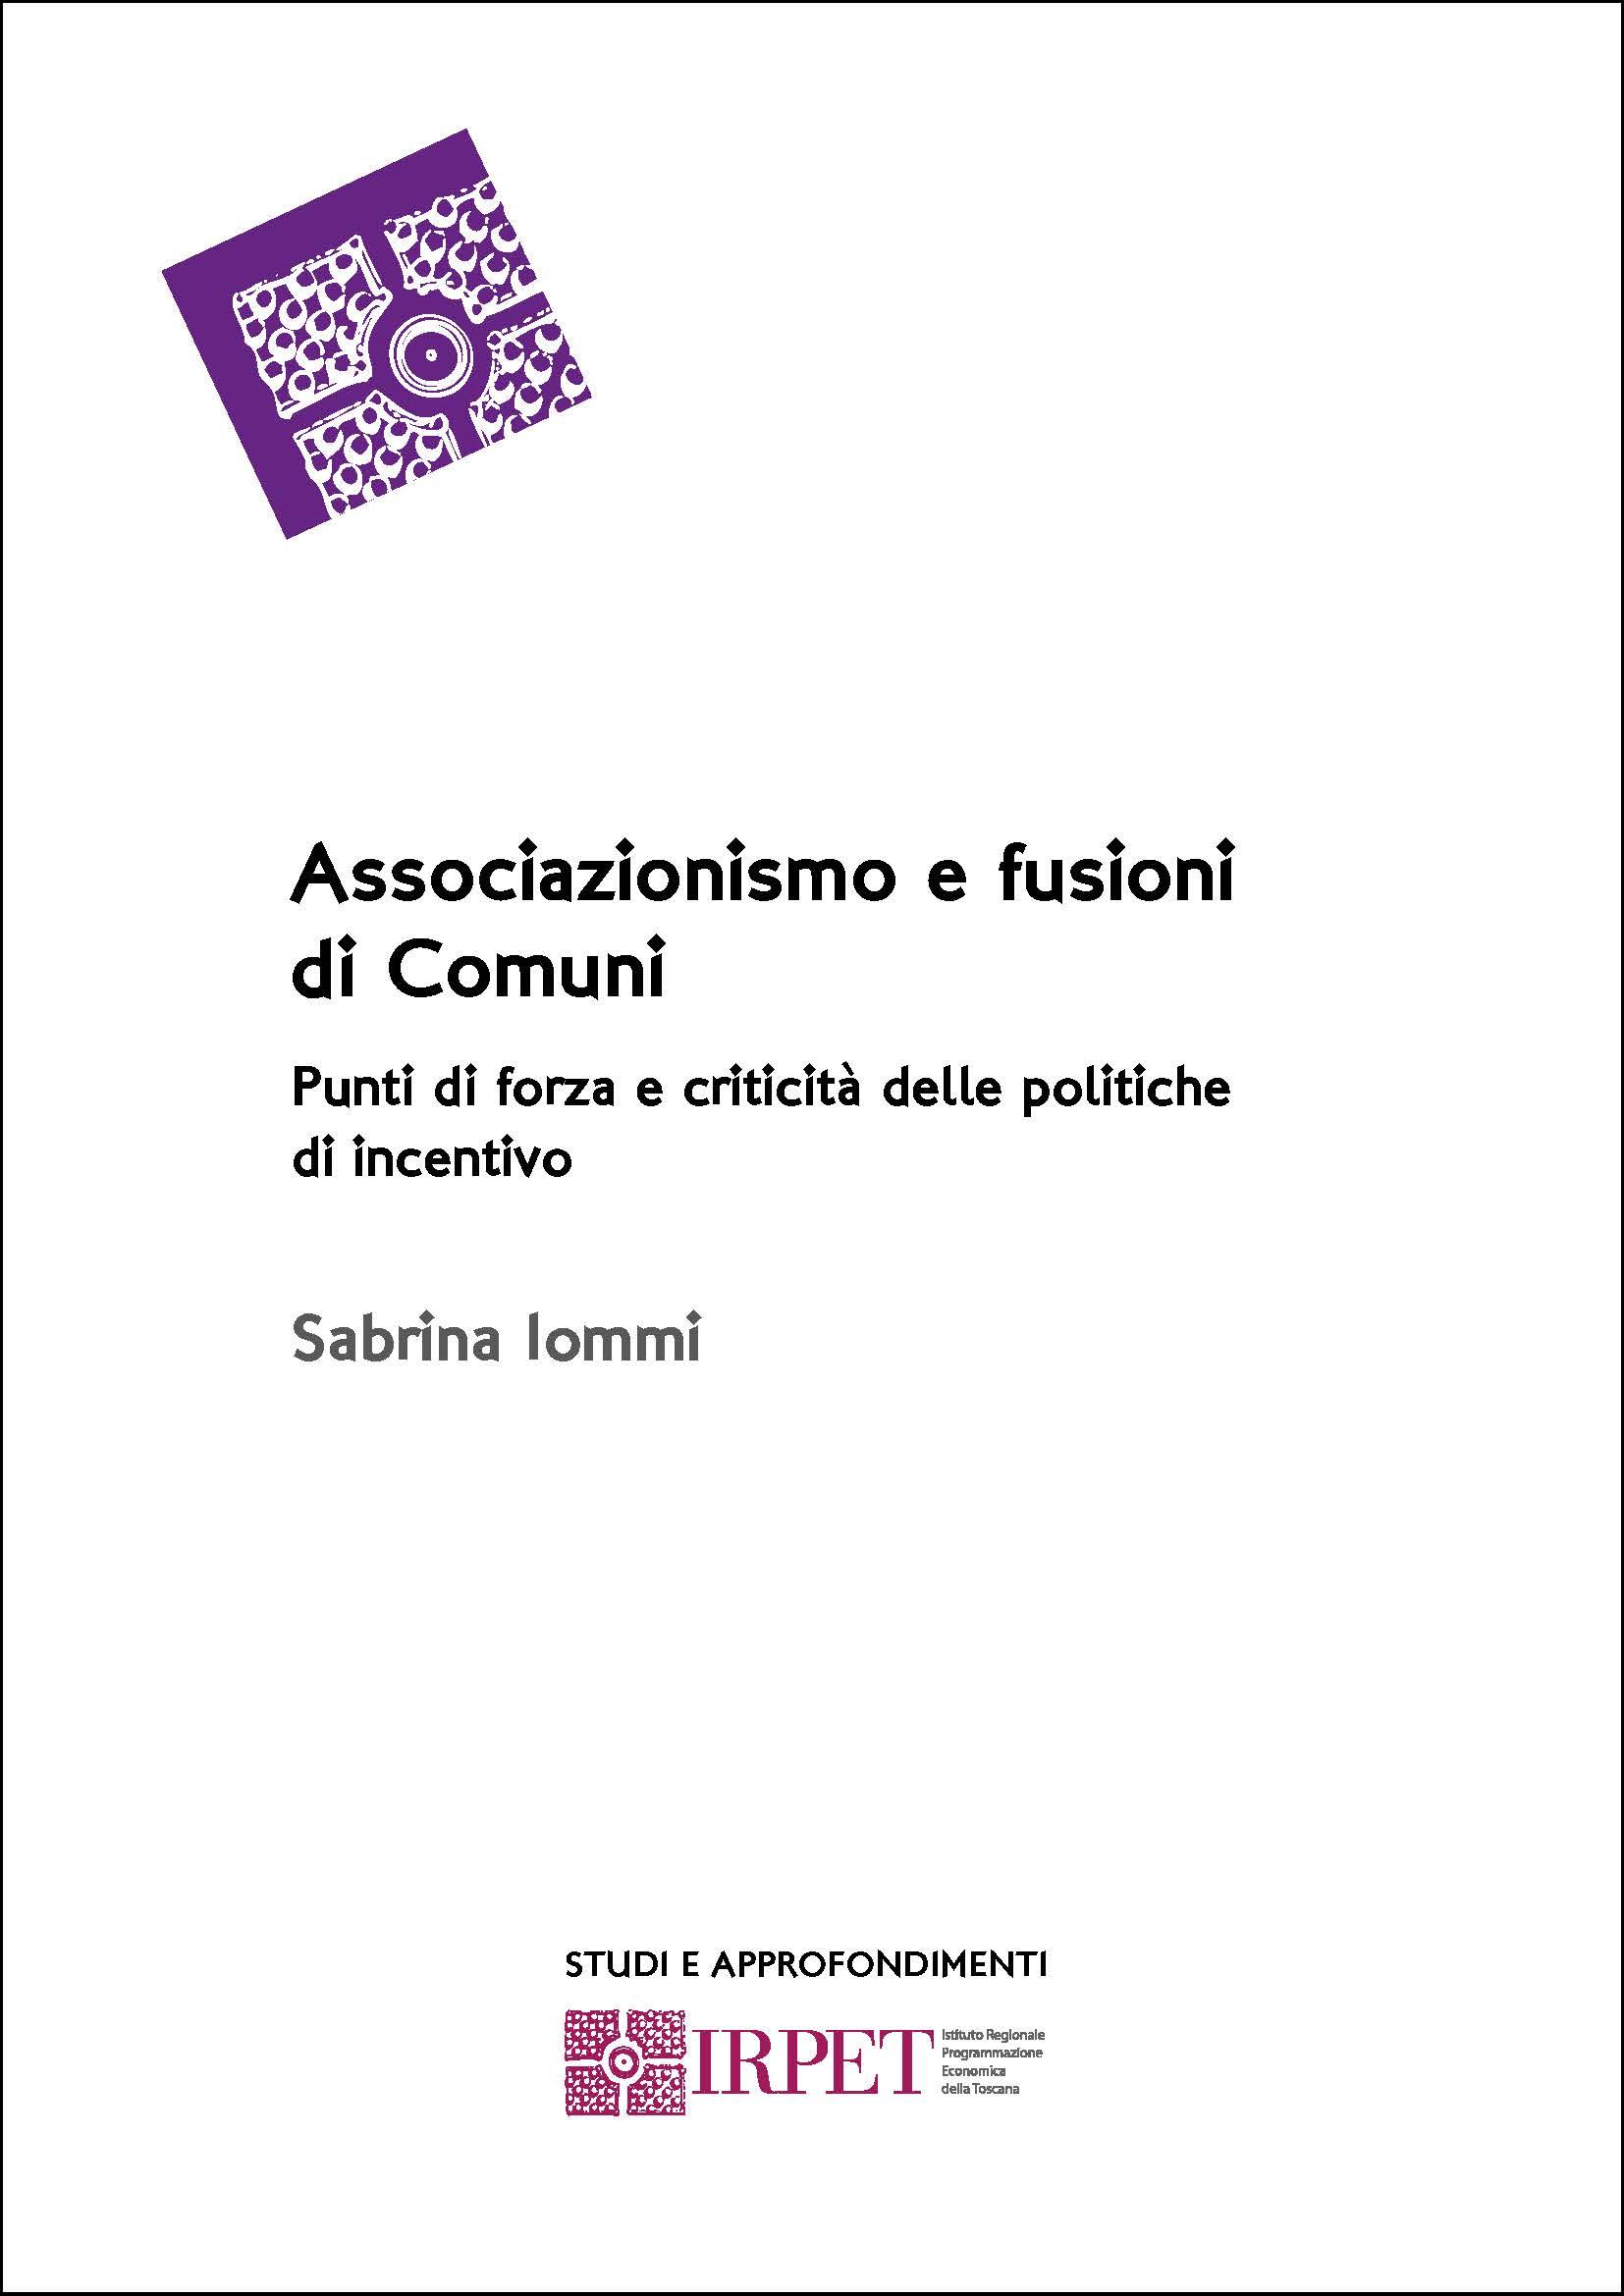 cover S&A Associazionismo e fusioni Comuni ConsiglioRTmarzo